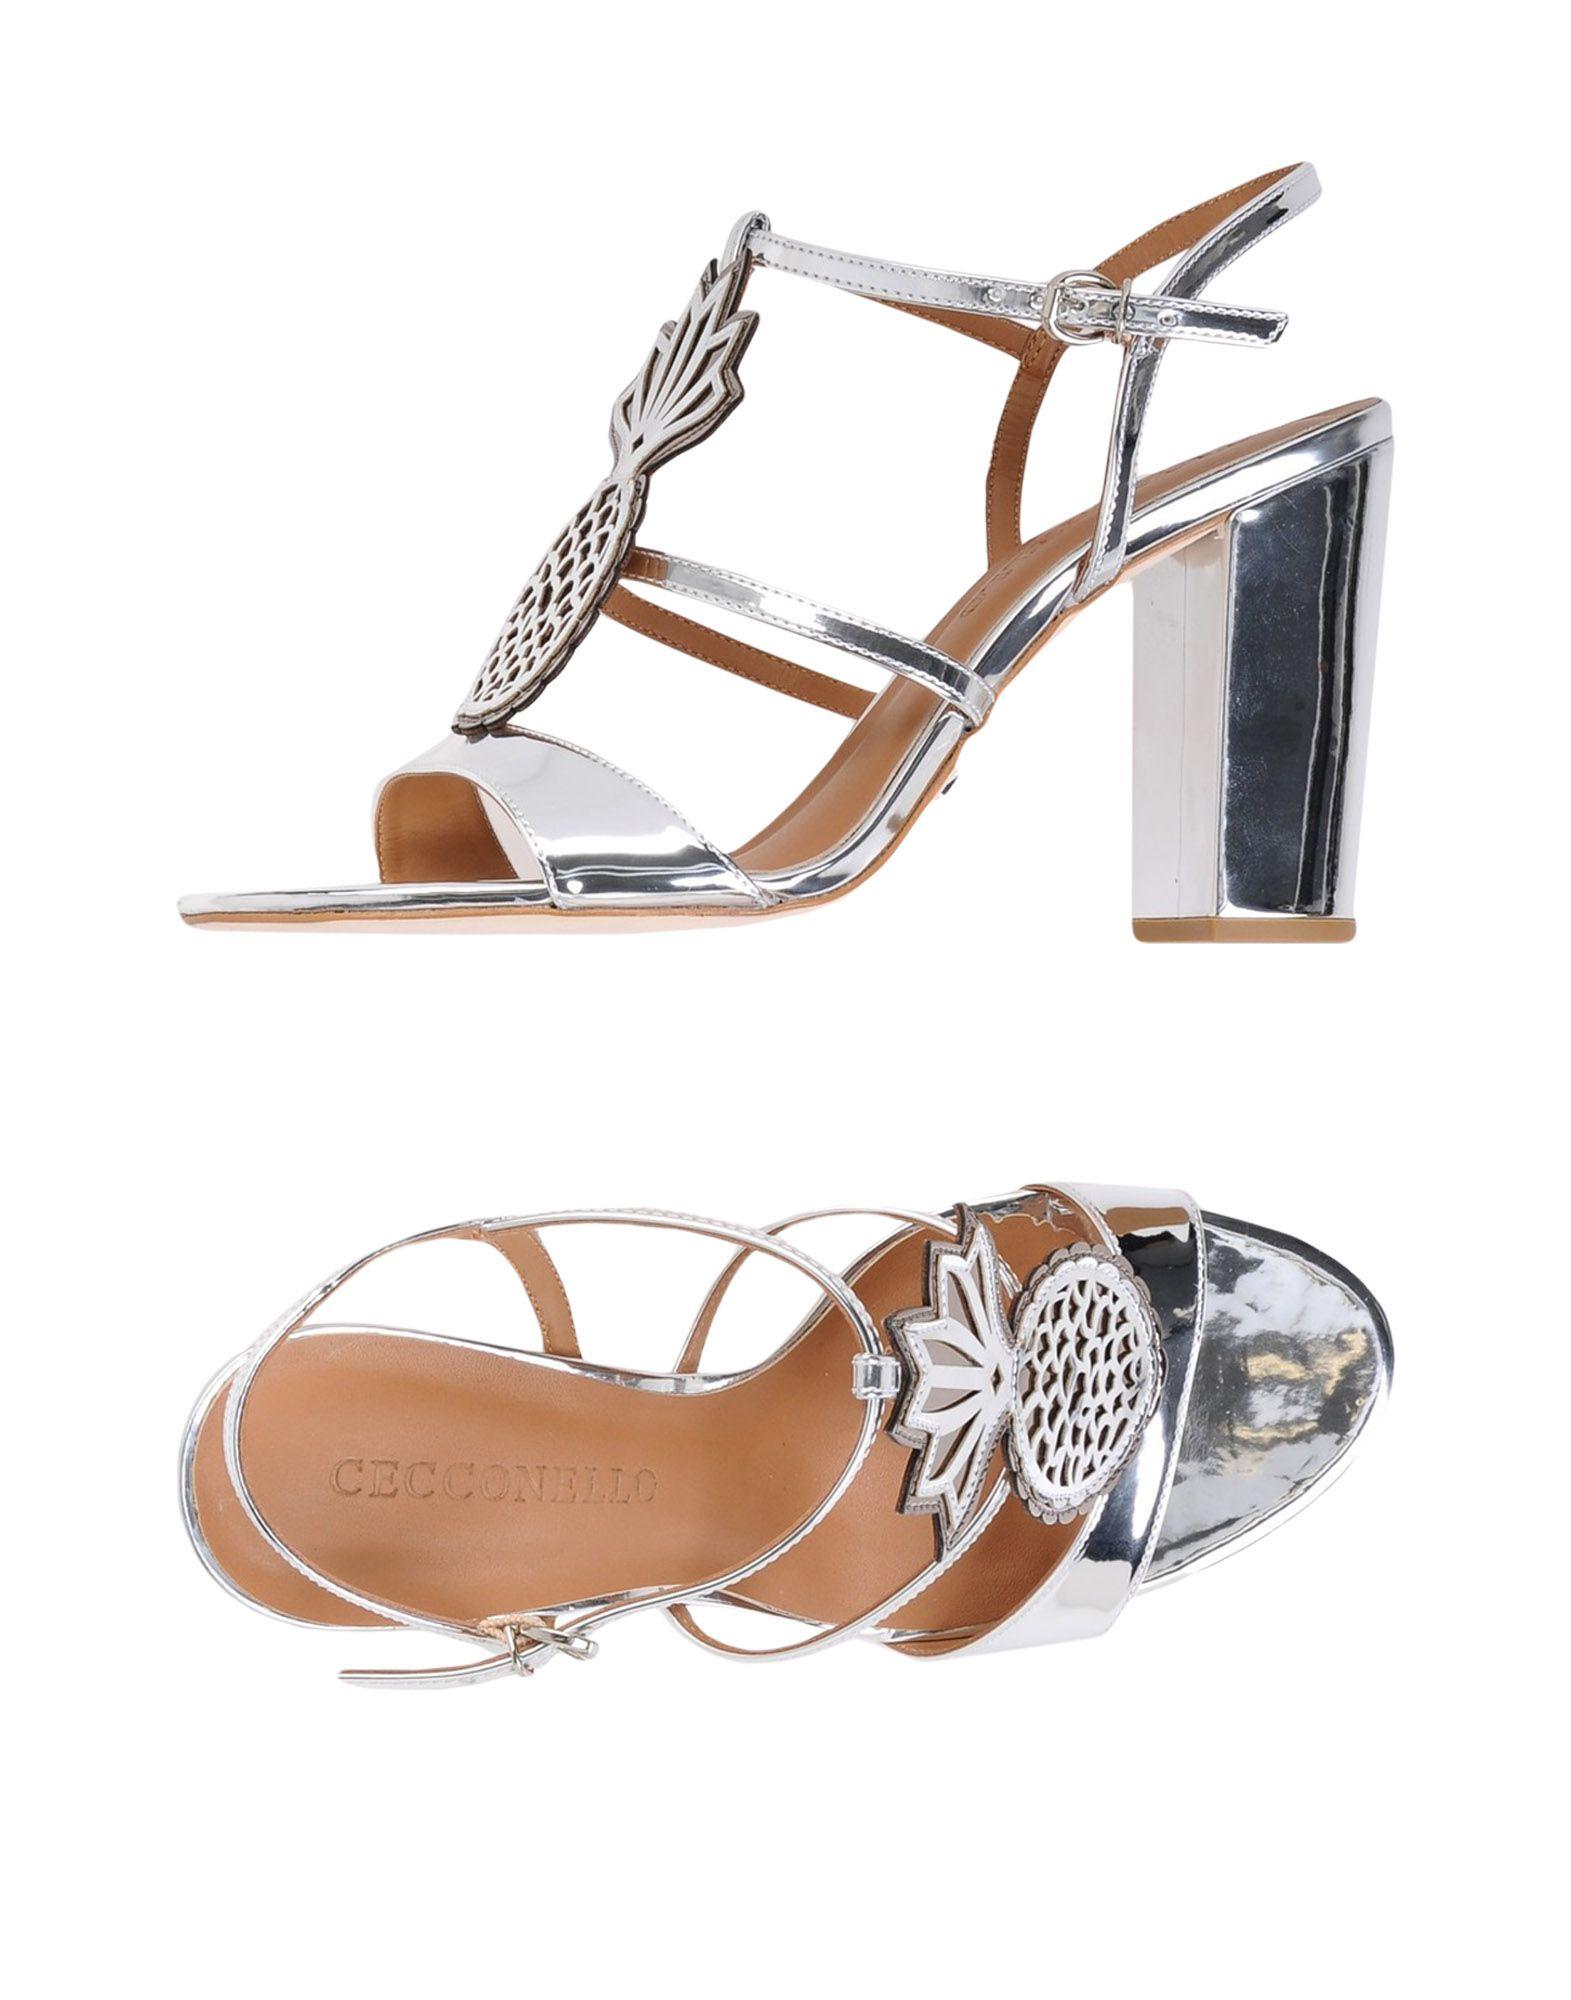 Cecconello Sandalen Damen  11466400HC Gute Qualität beliebte Schuhe